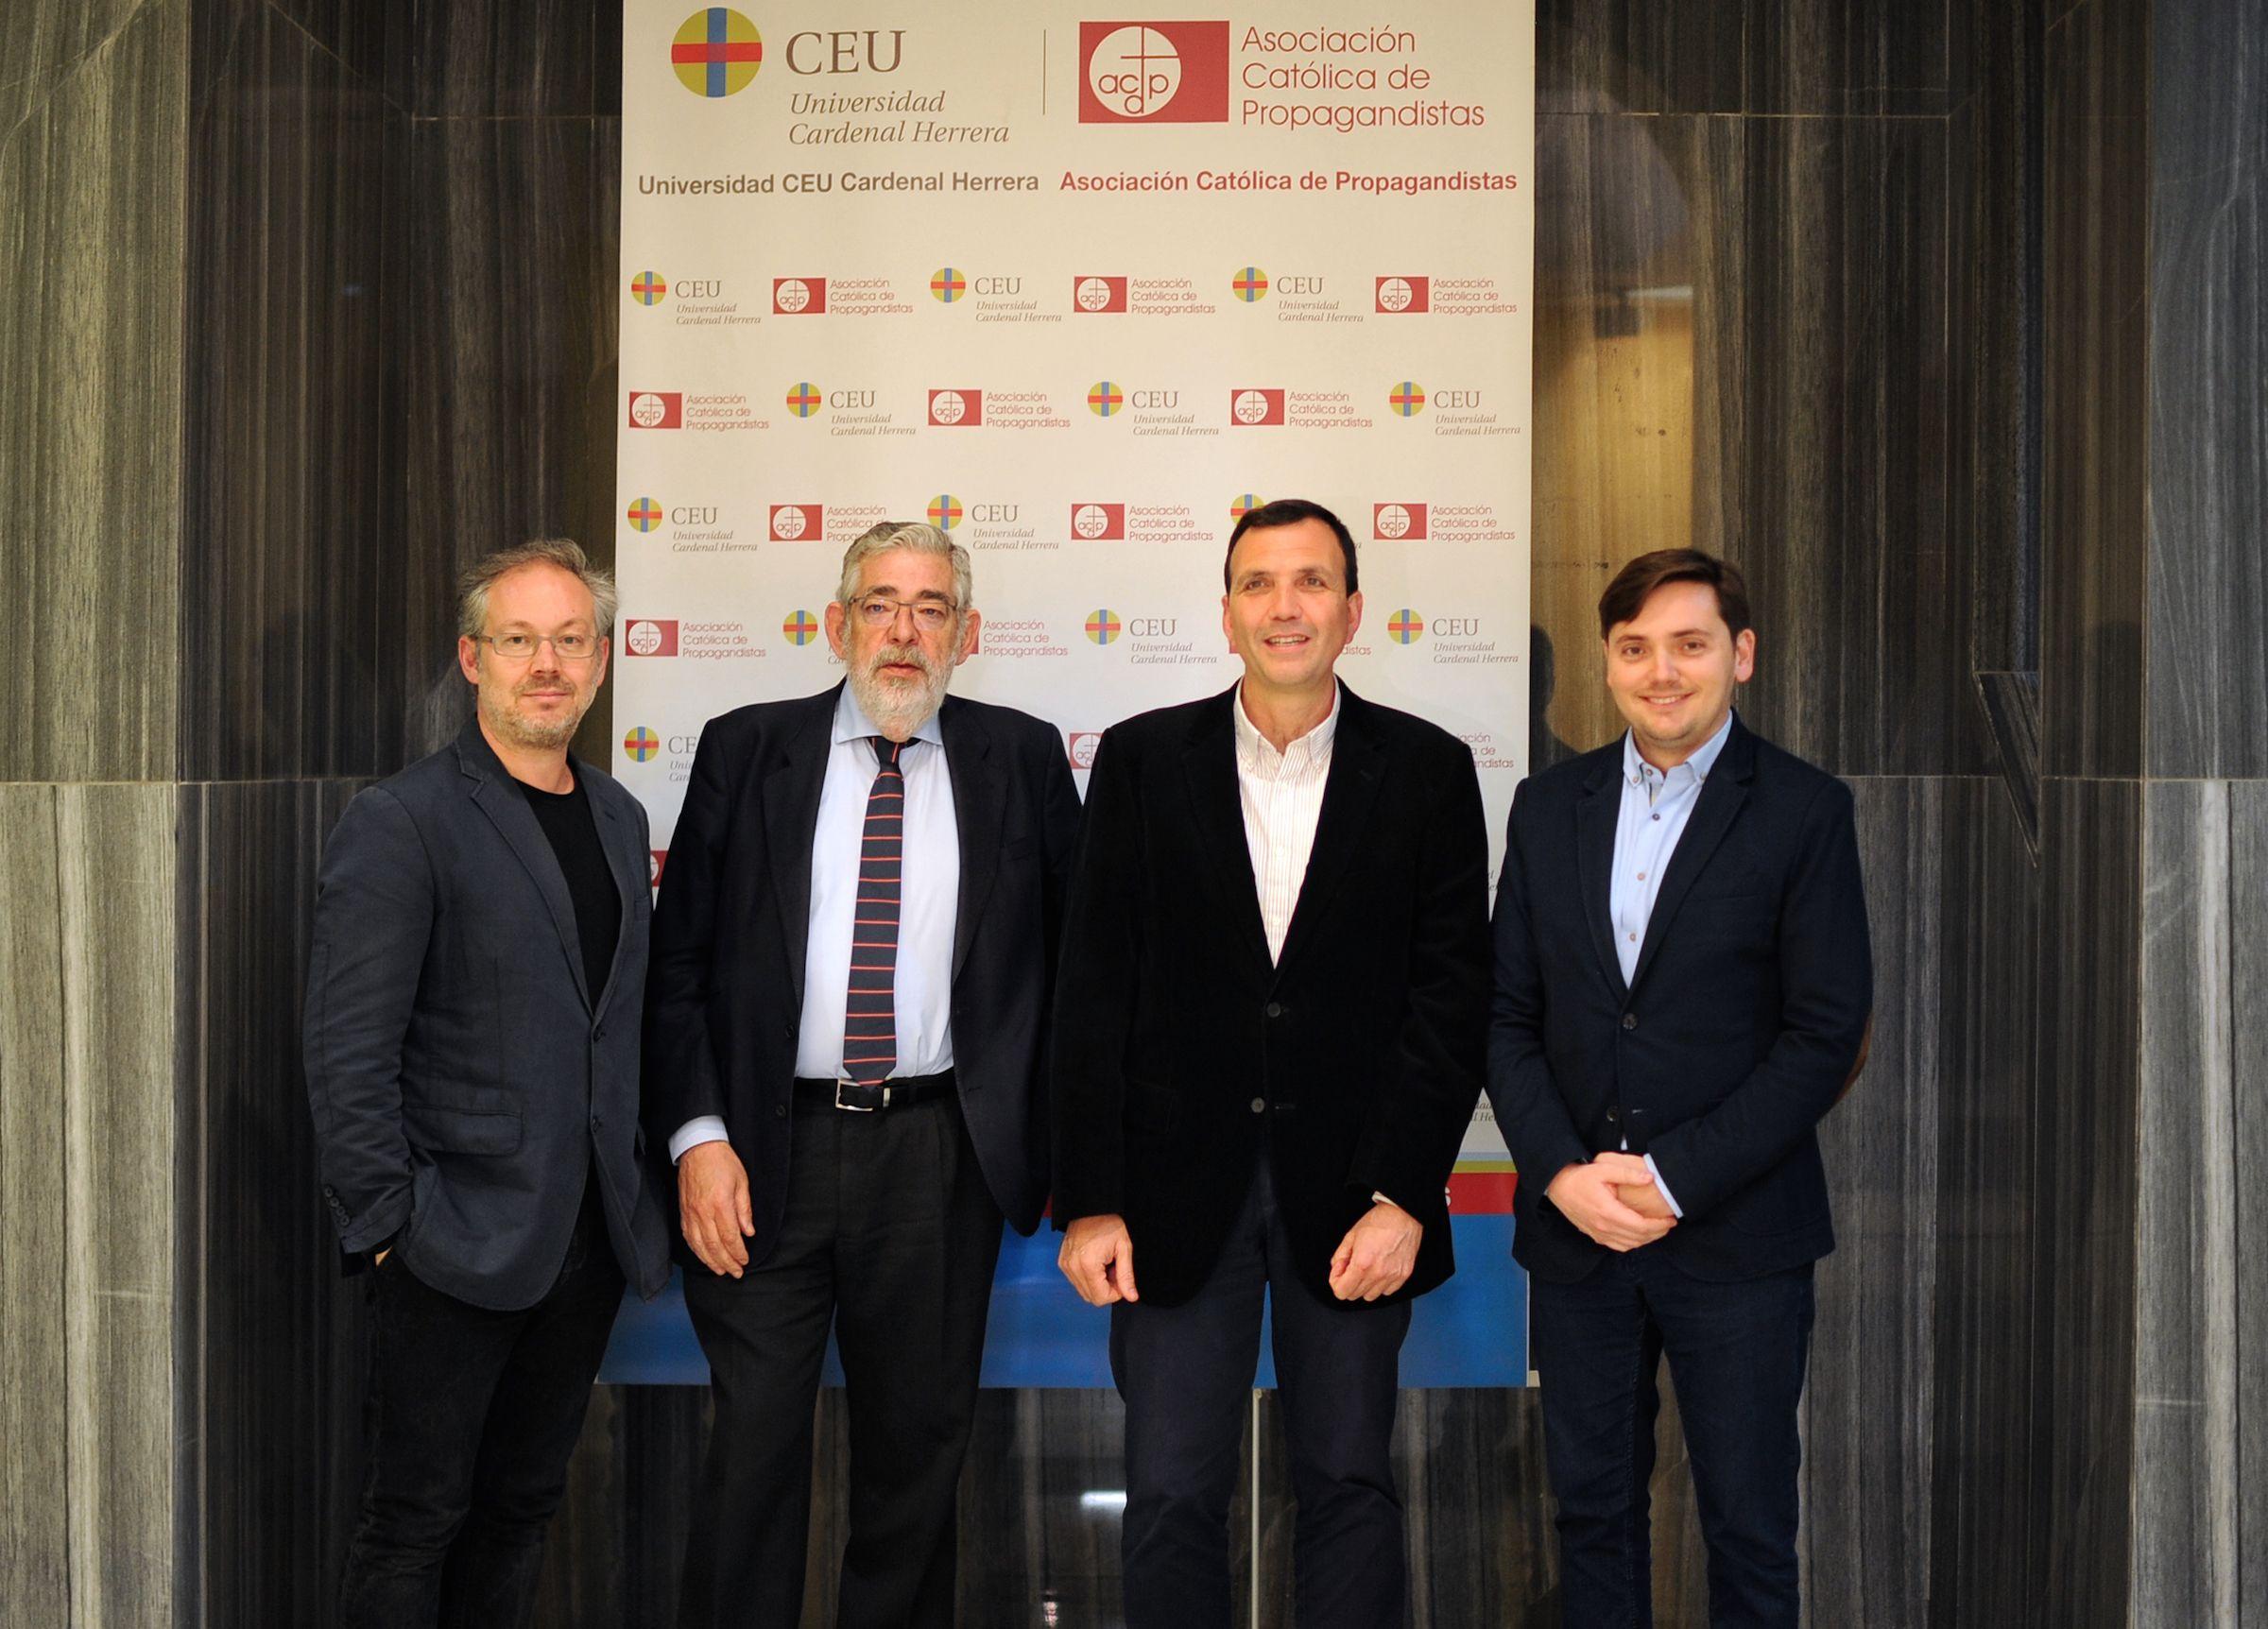 Abraham Canales, Vicente Navarro de Luján, Enrique Lluch e Ignacio Grande, en la presentación del libro.